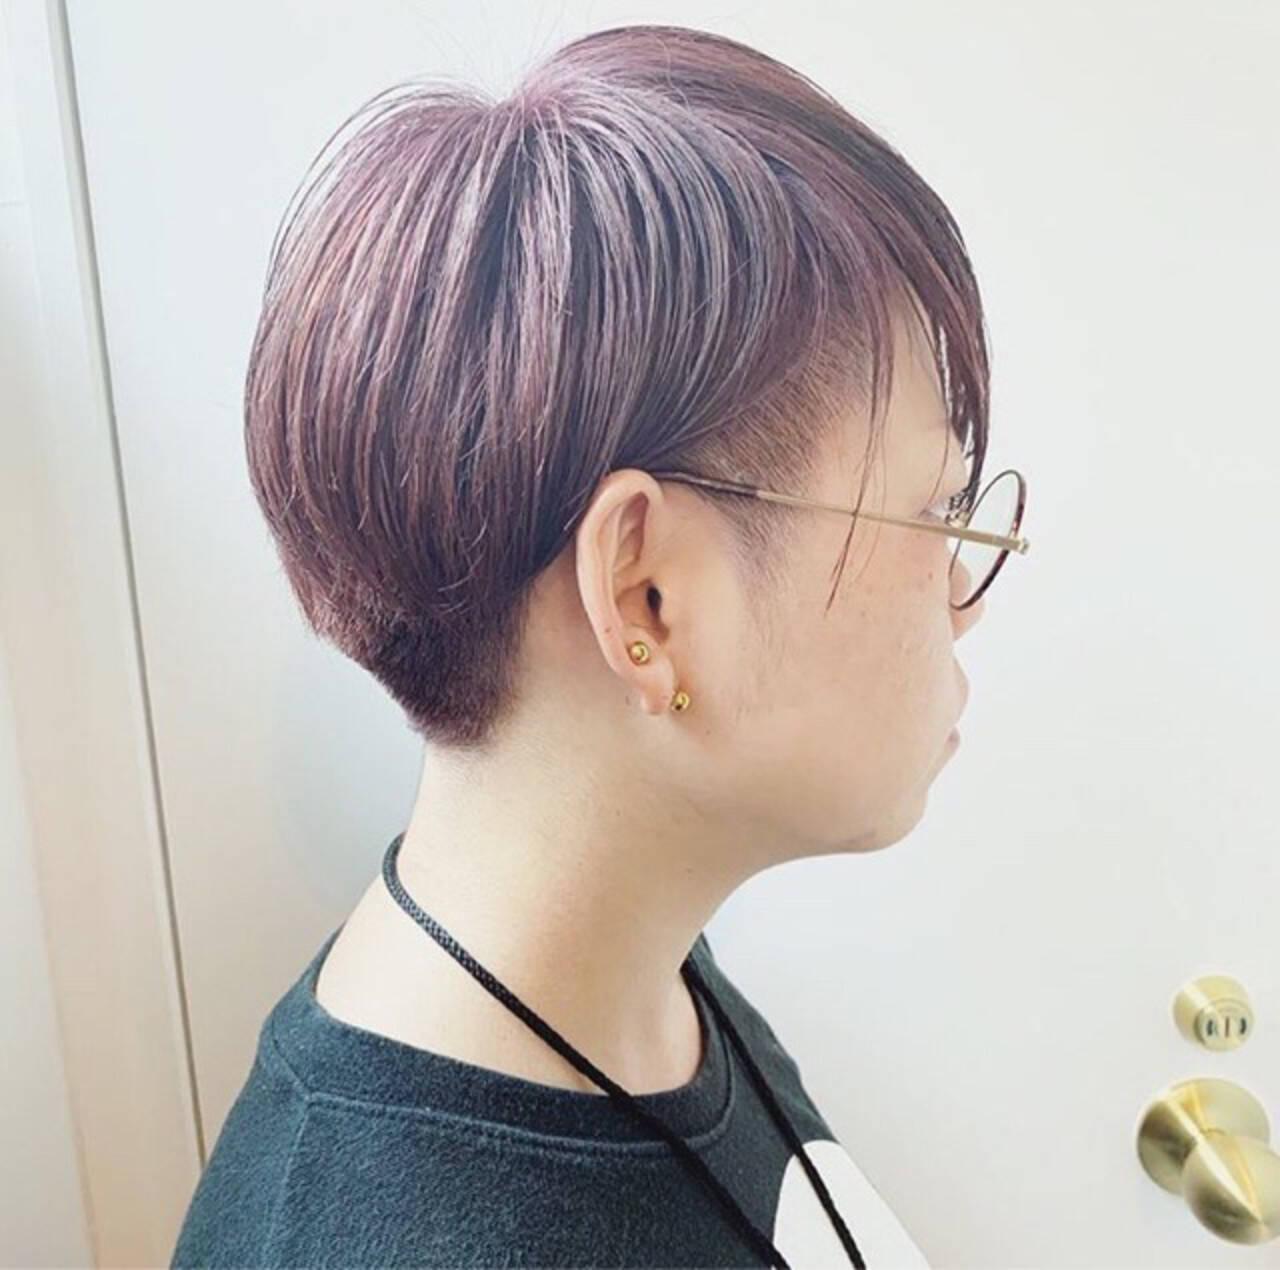 ショート ラベンダーアッシュ ラベンダーピンク ピンクラベンダーヘアスタイルや髪型の写真・画像